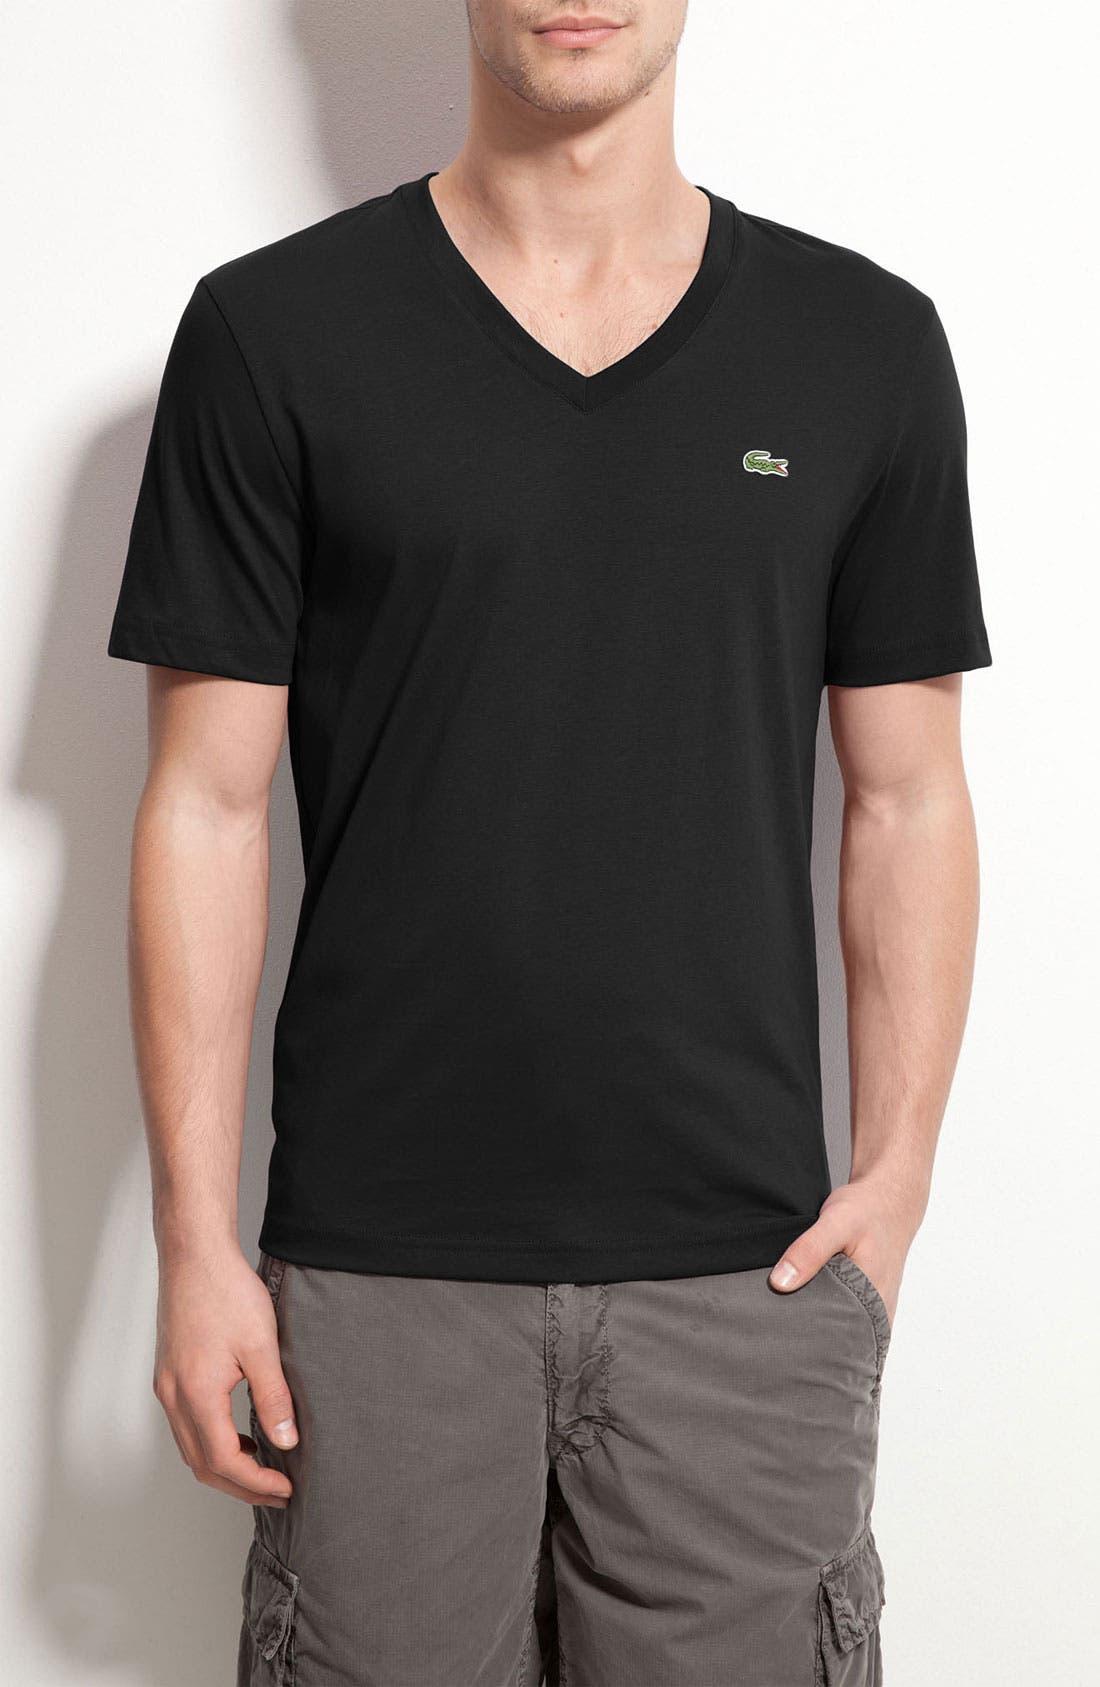 Alternate Image 1 Selected - Lacoste L!VE Trim Fit Jersey V-Neck T-Shirt